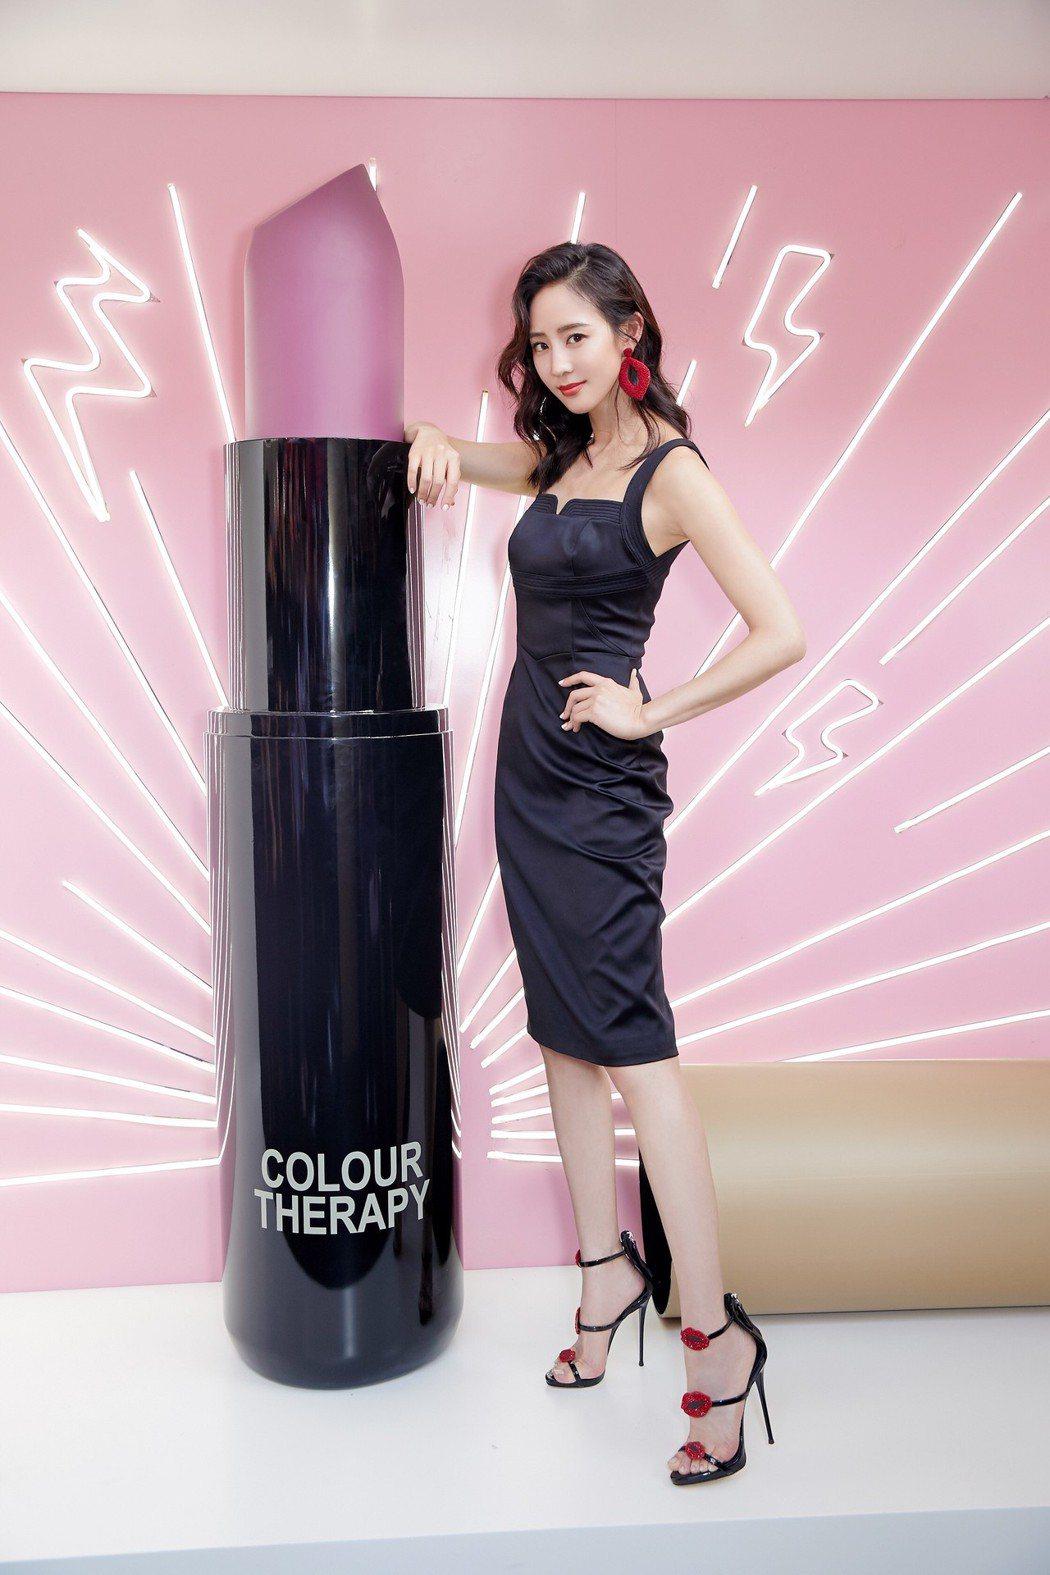 張鈞甯為彩妝品牌代言出席活動。圖/三石創設文化提供